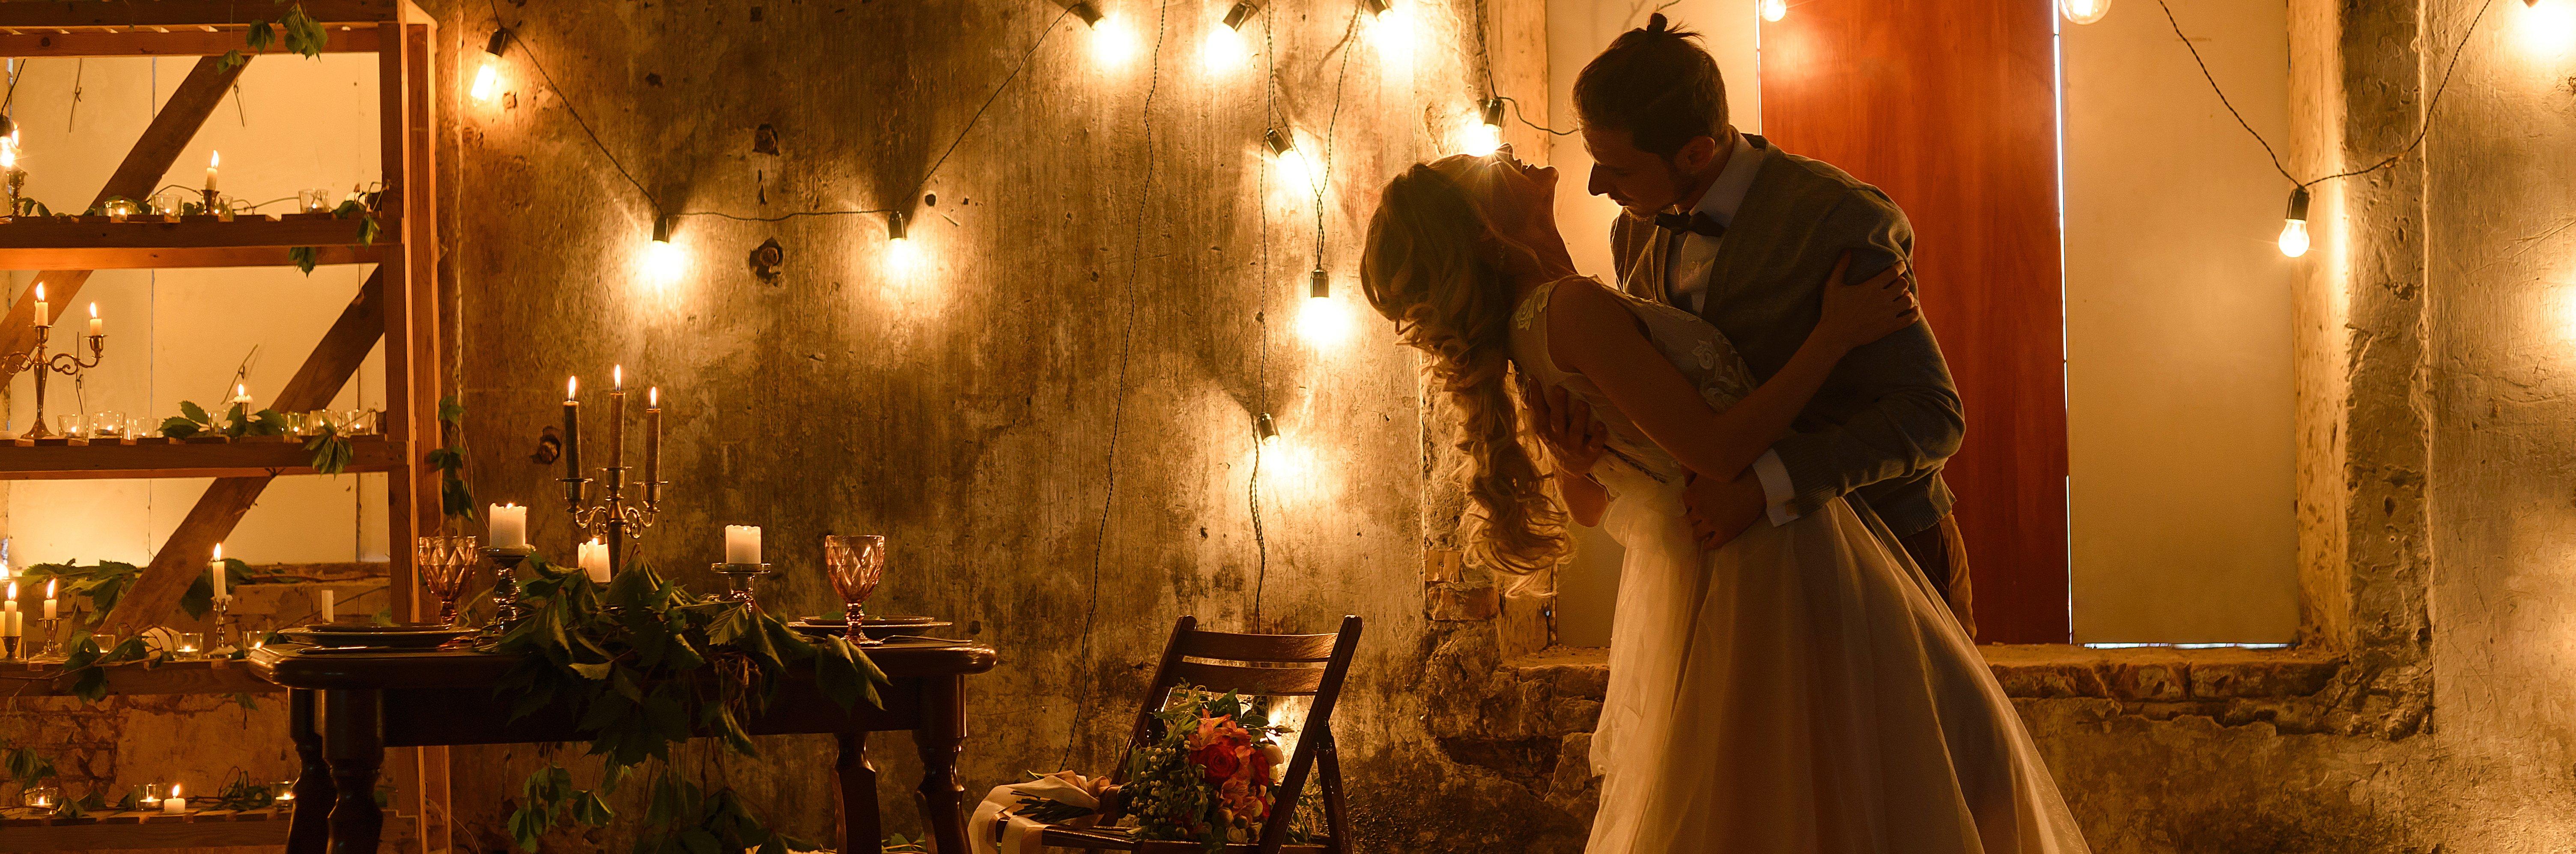 Стоит ли жениться или нет? - фото 4